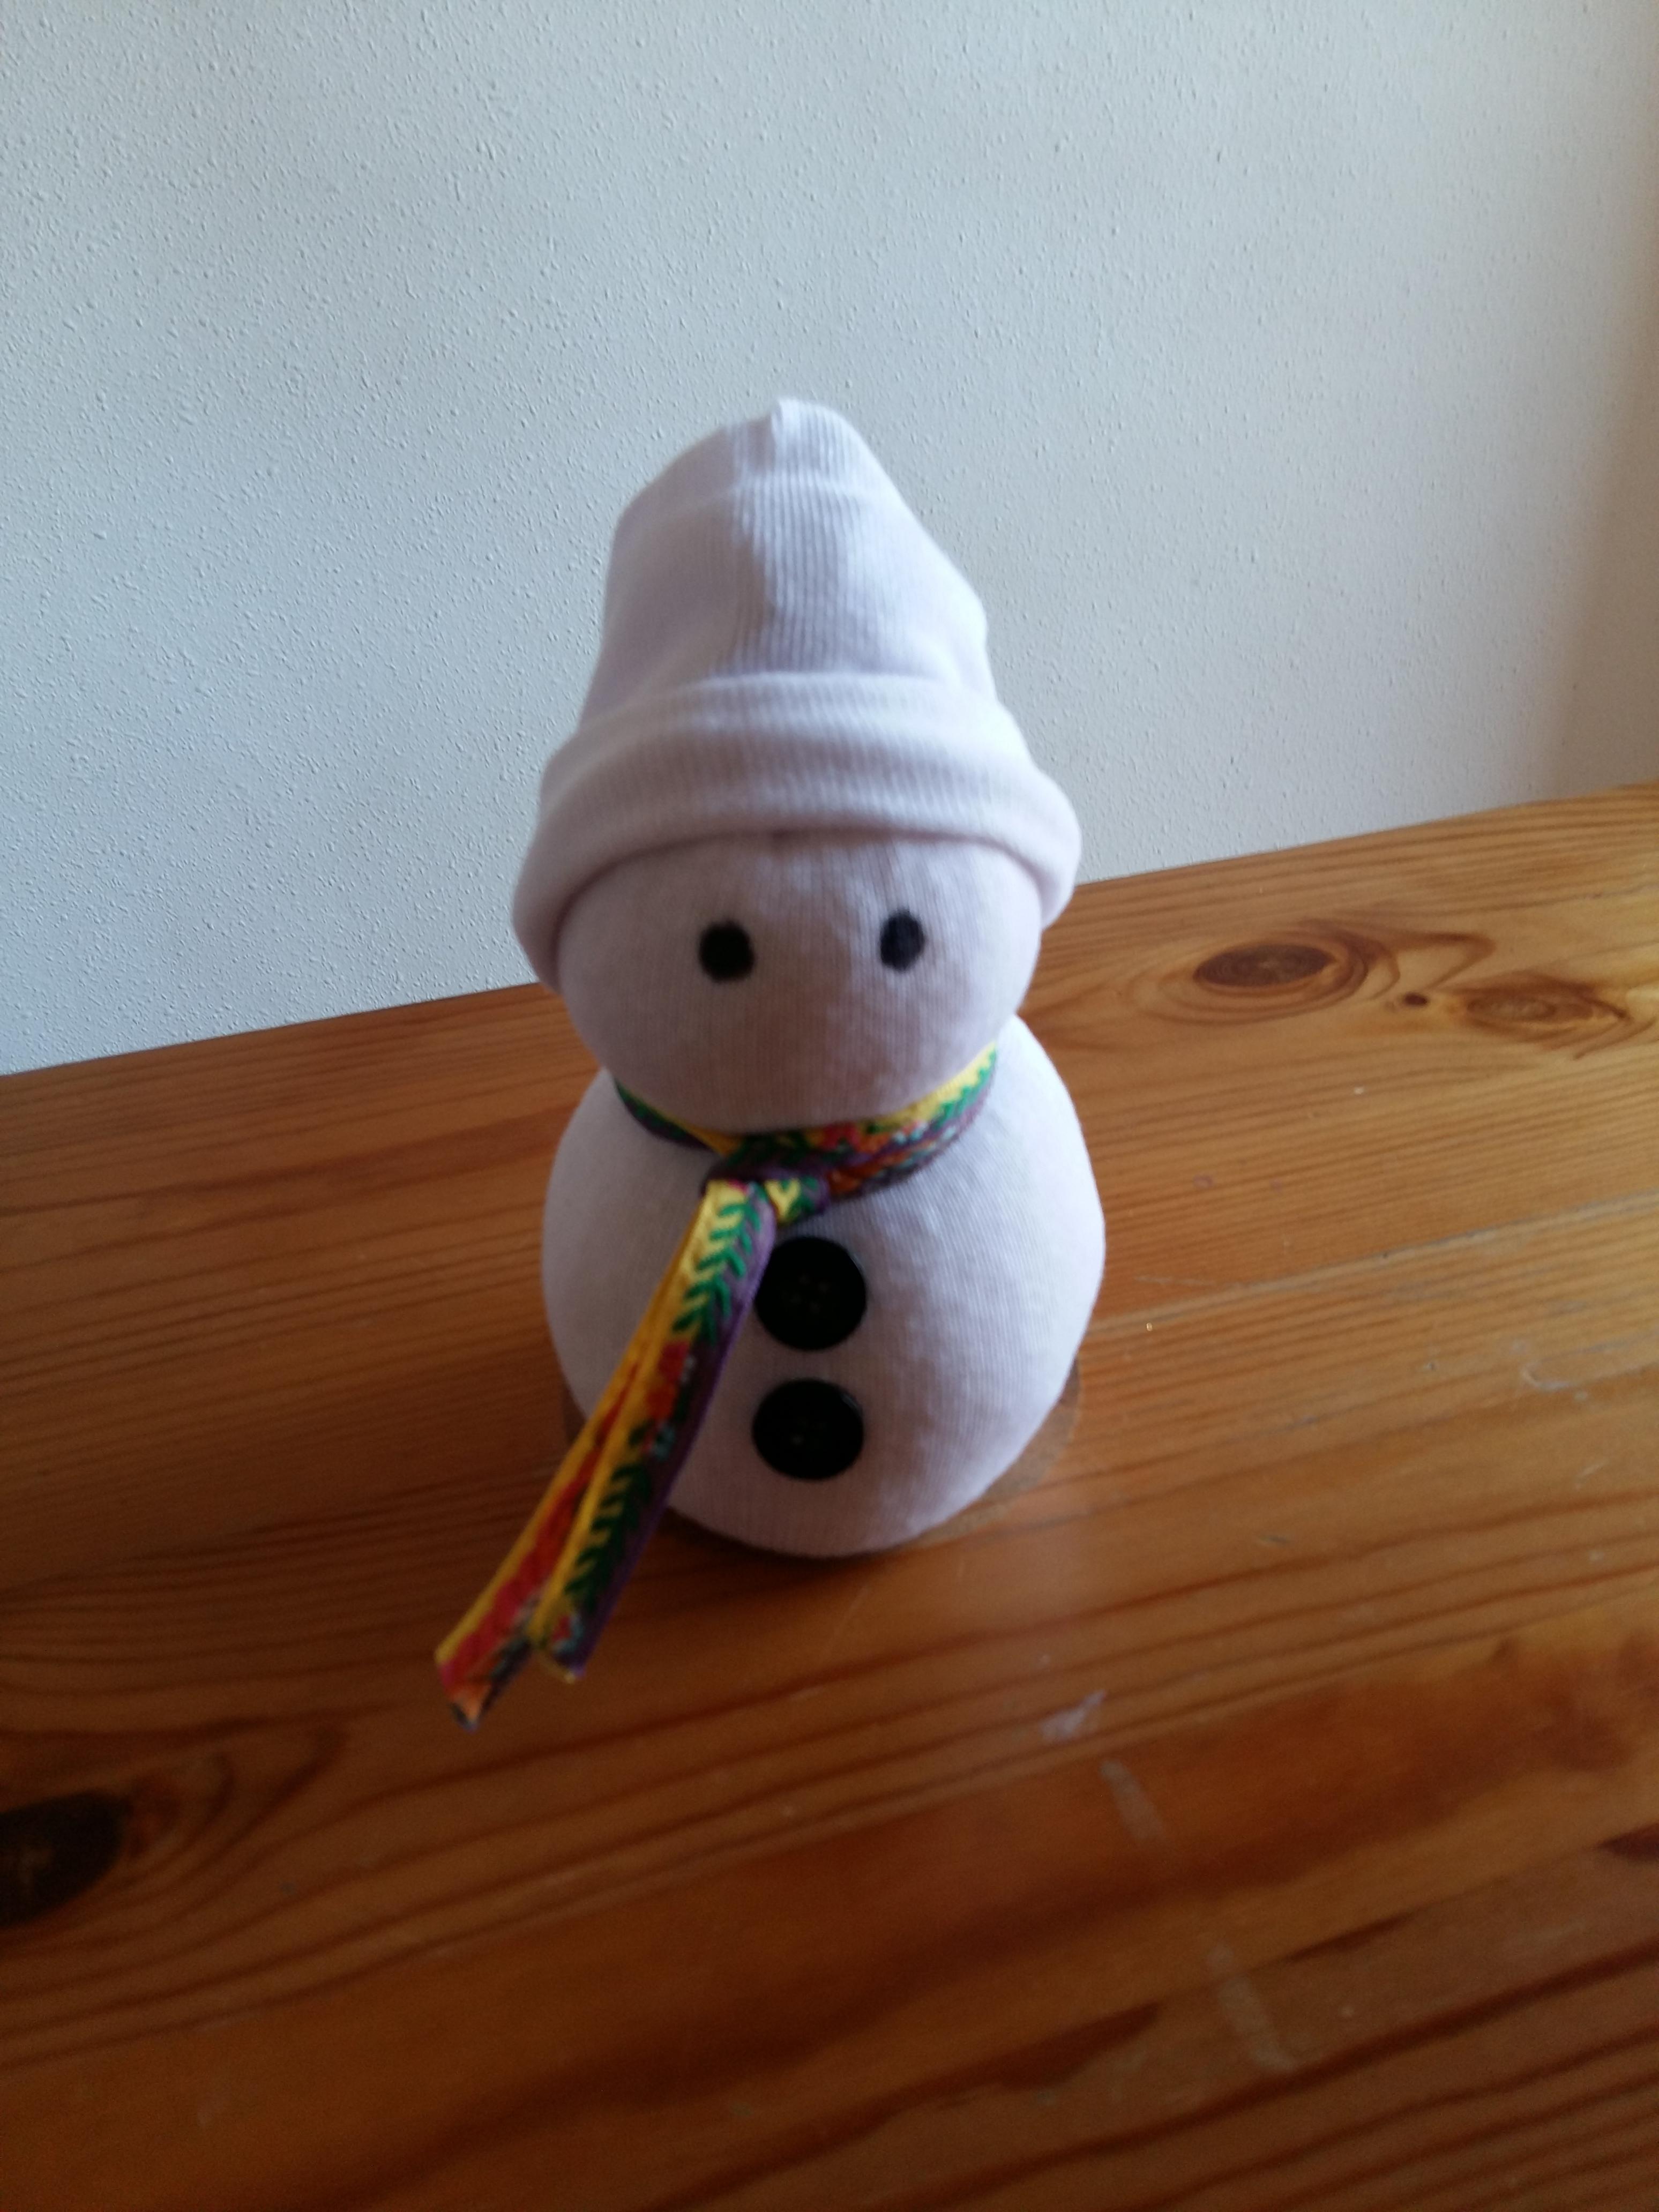 ninot de neu (6)